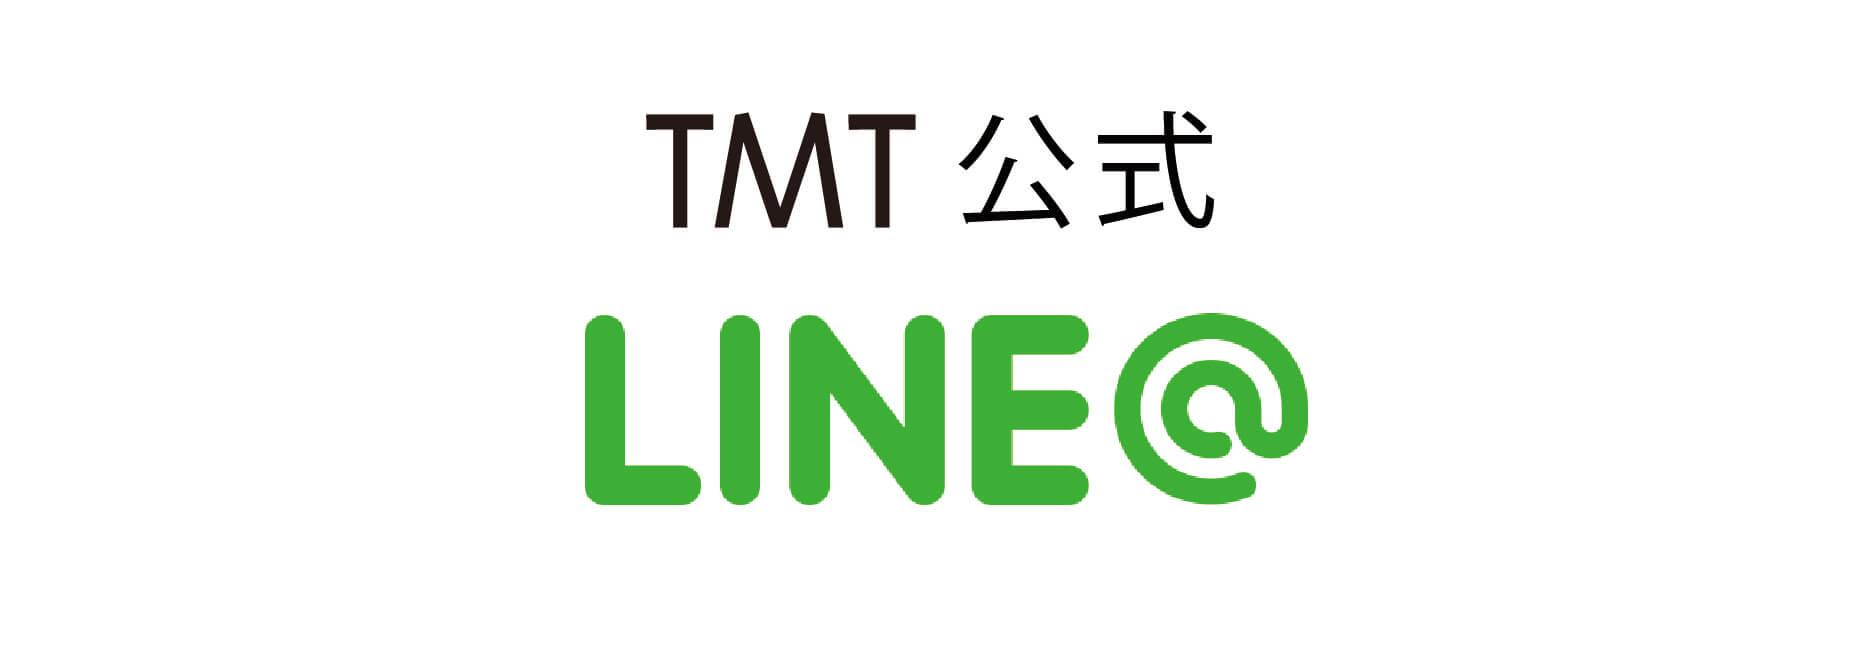 TMT 公式LINE@はじめました